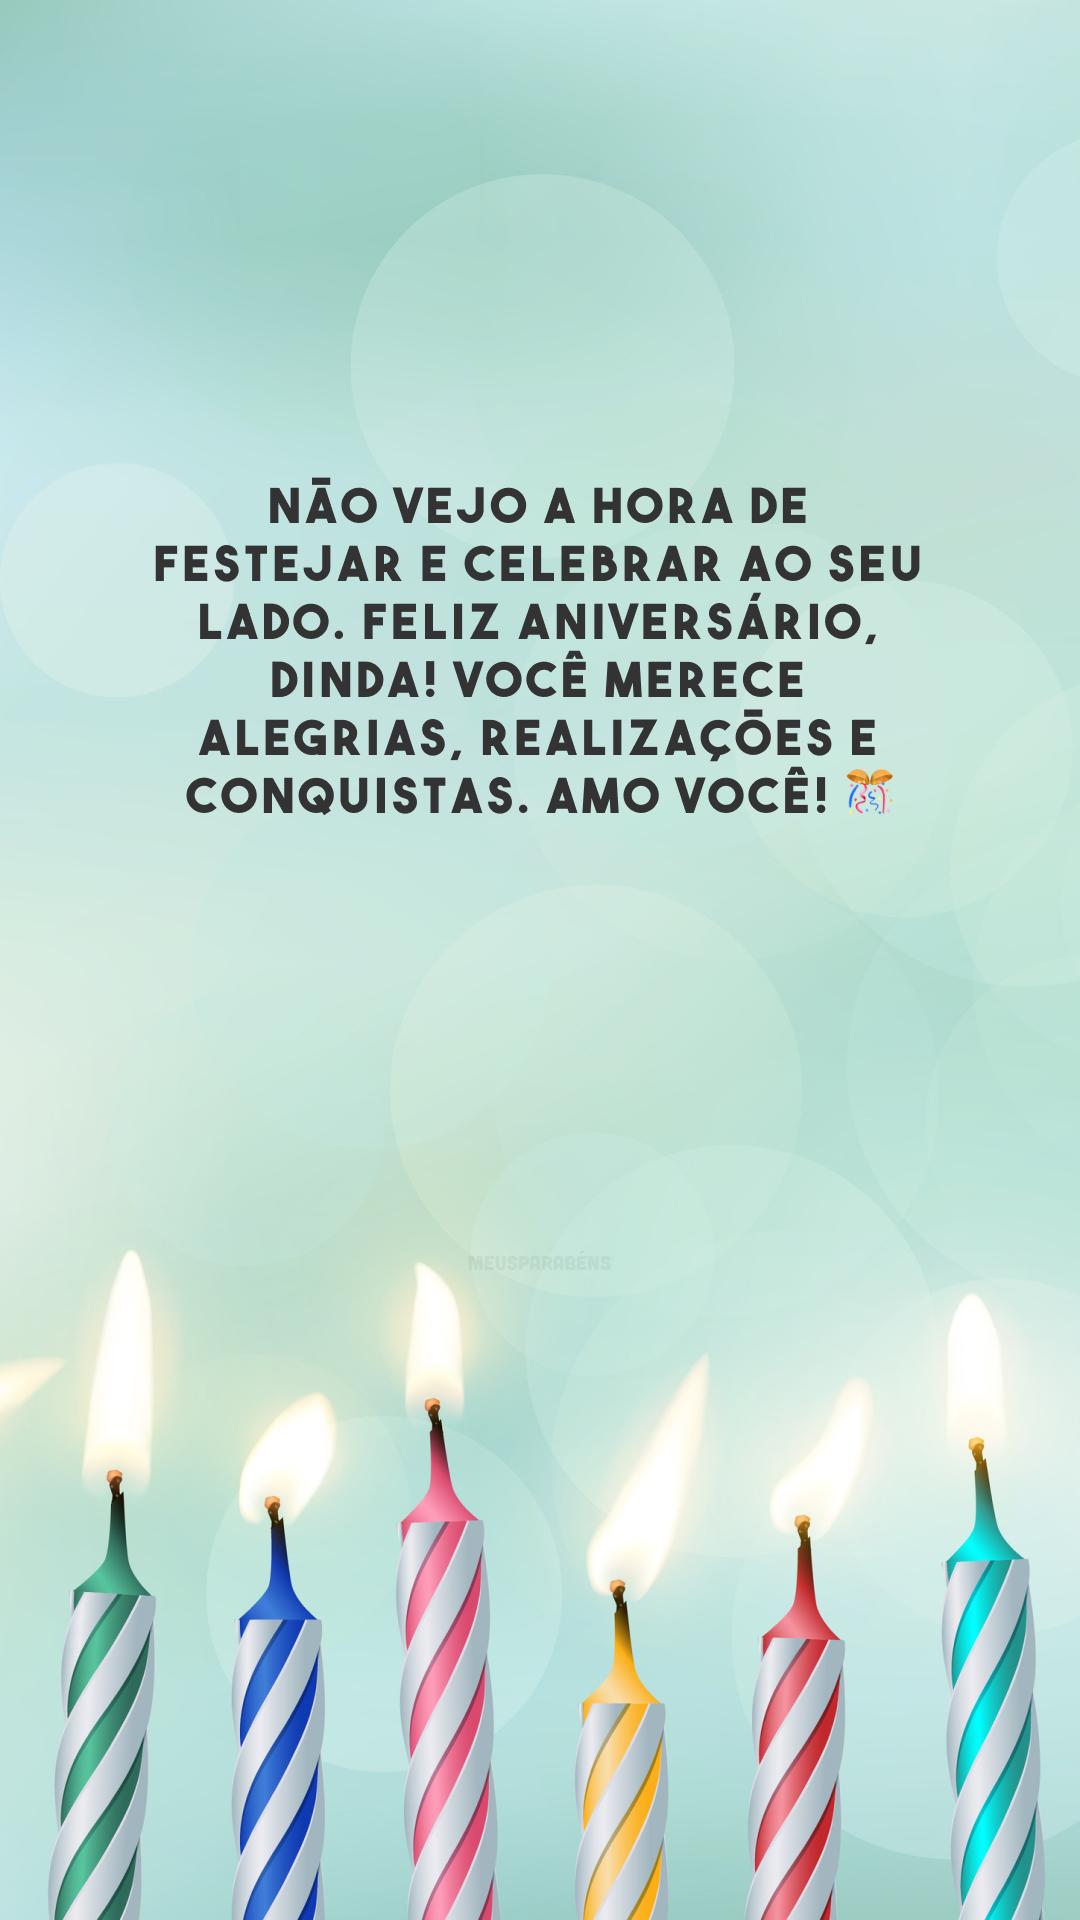 Não vejo a hora de festejar e celebrar ao seu lado. Feliz aniversário, dinda! Você merece alegrias, realizações e conquistas. Amo você! 🎊